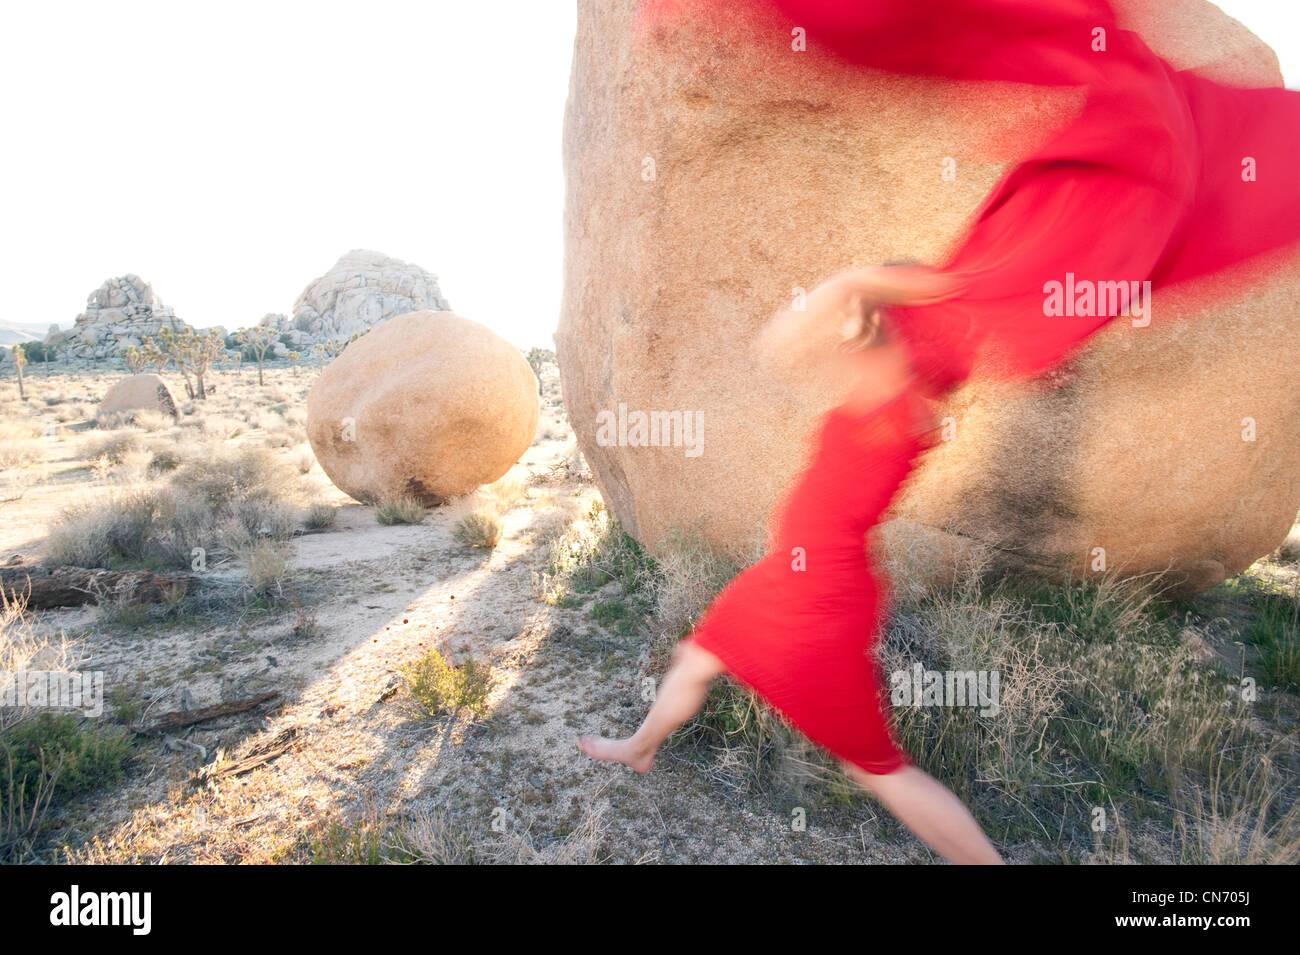 Femme rouge floue la jetant foulard rouge dans un paysage de pierre. Photo Stock